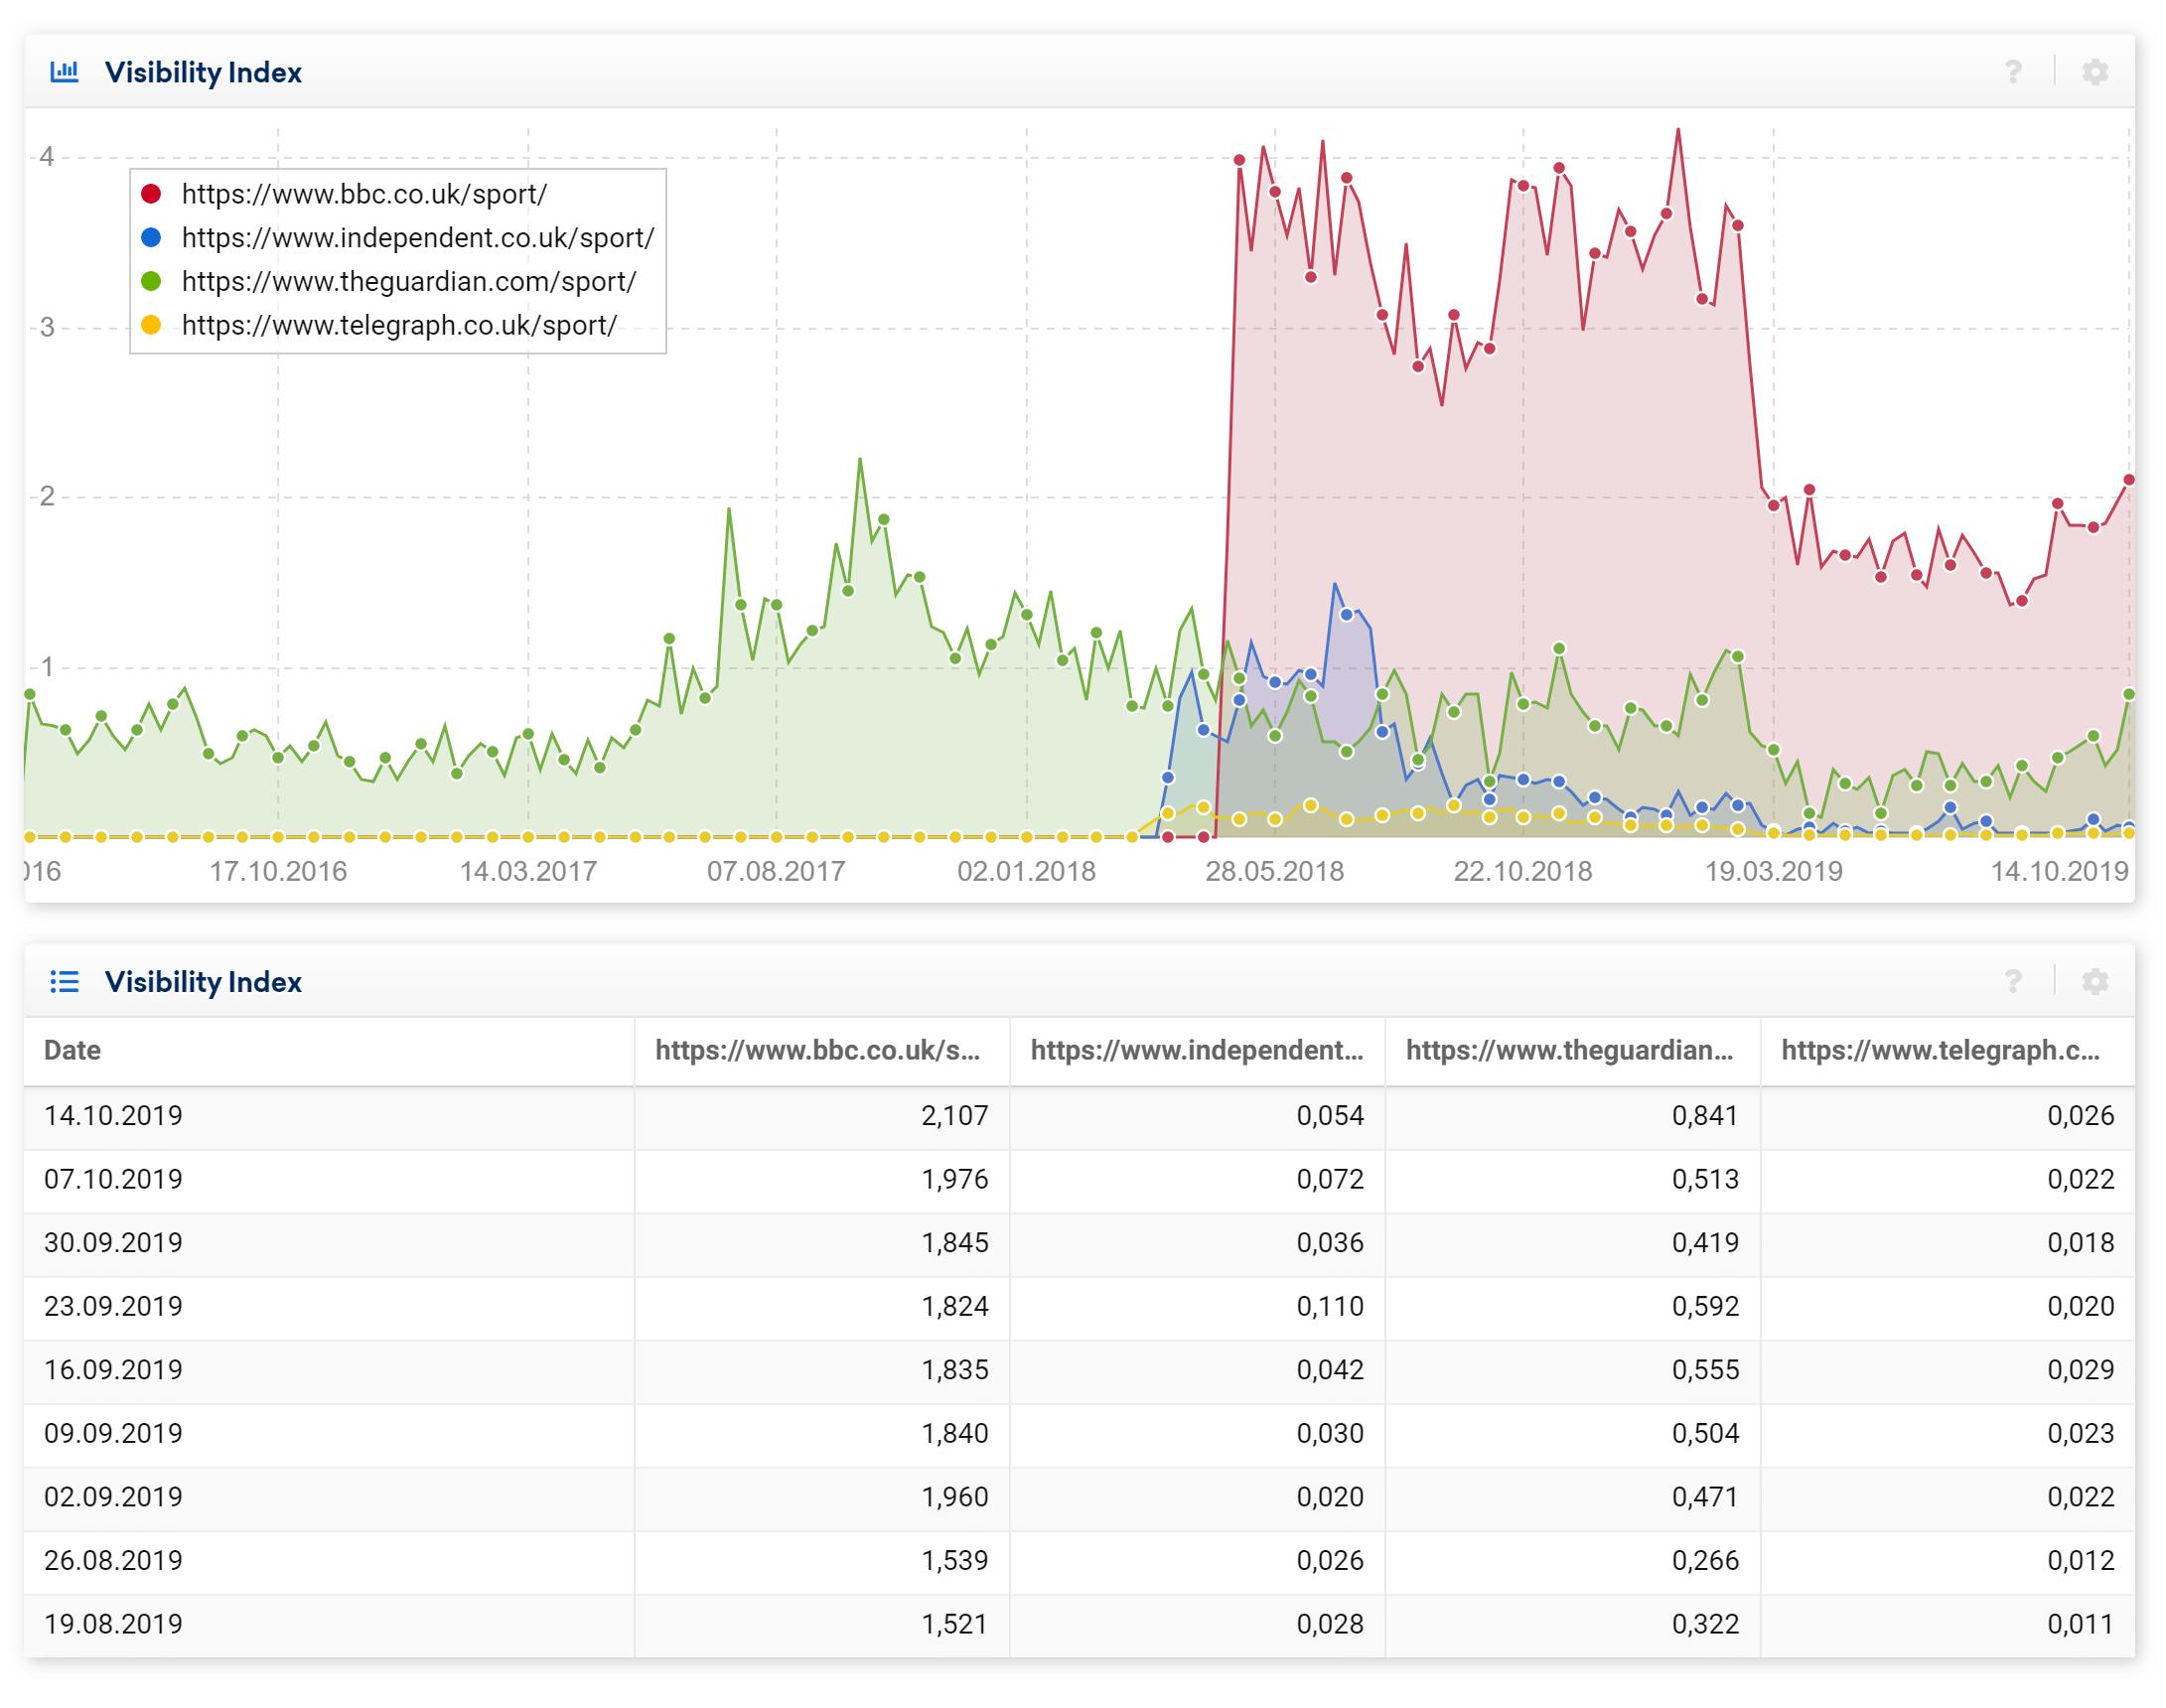 Comparativa de directorios de varios dominios